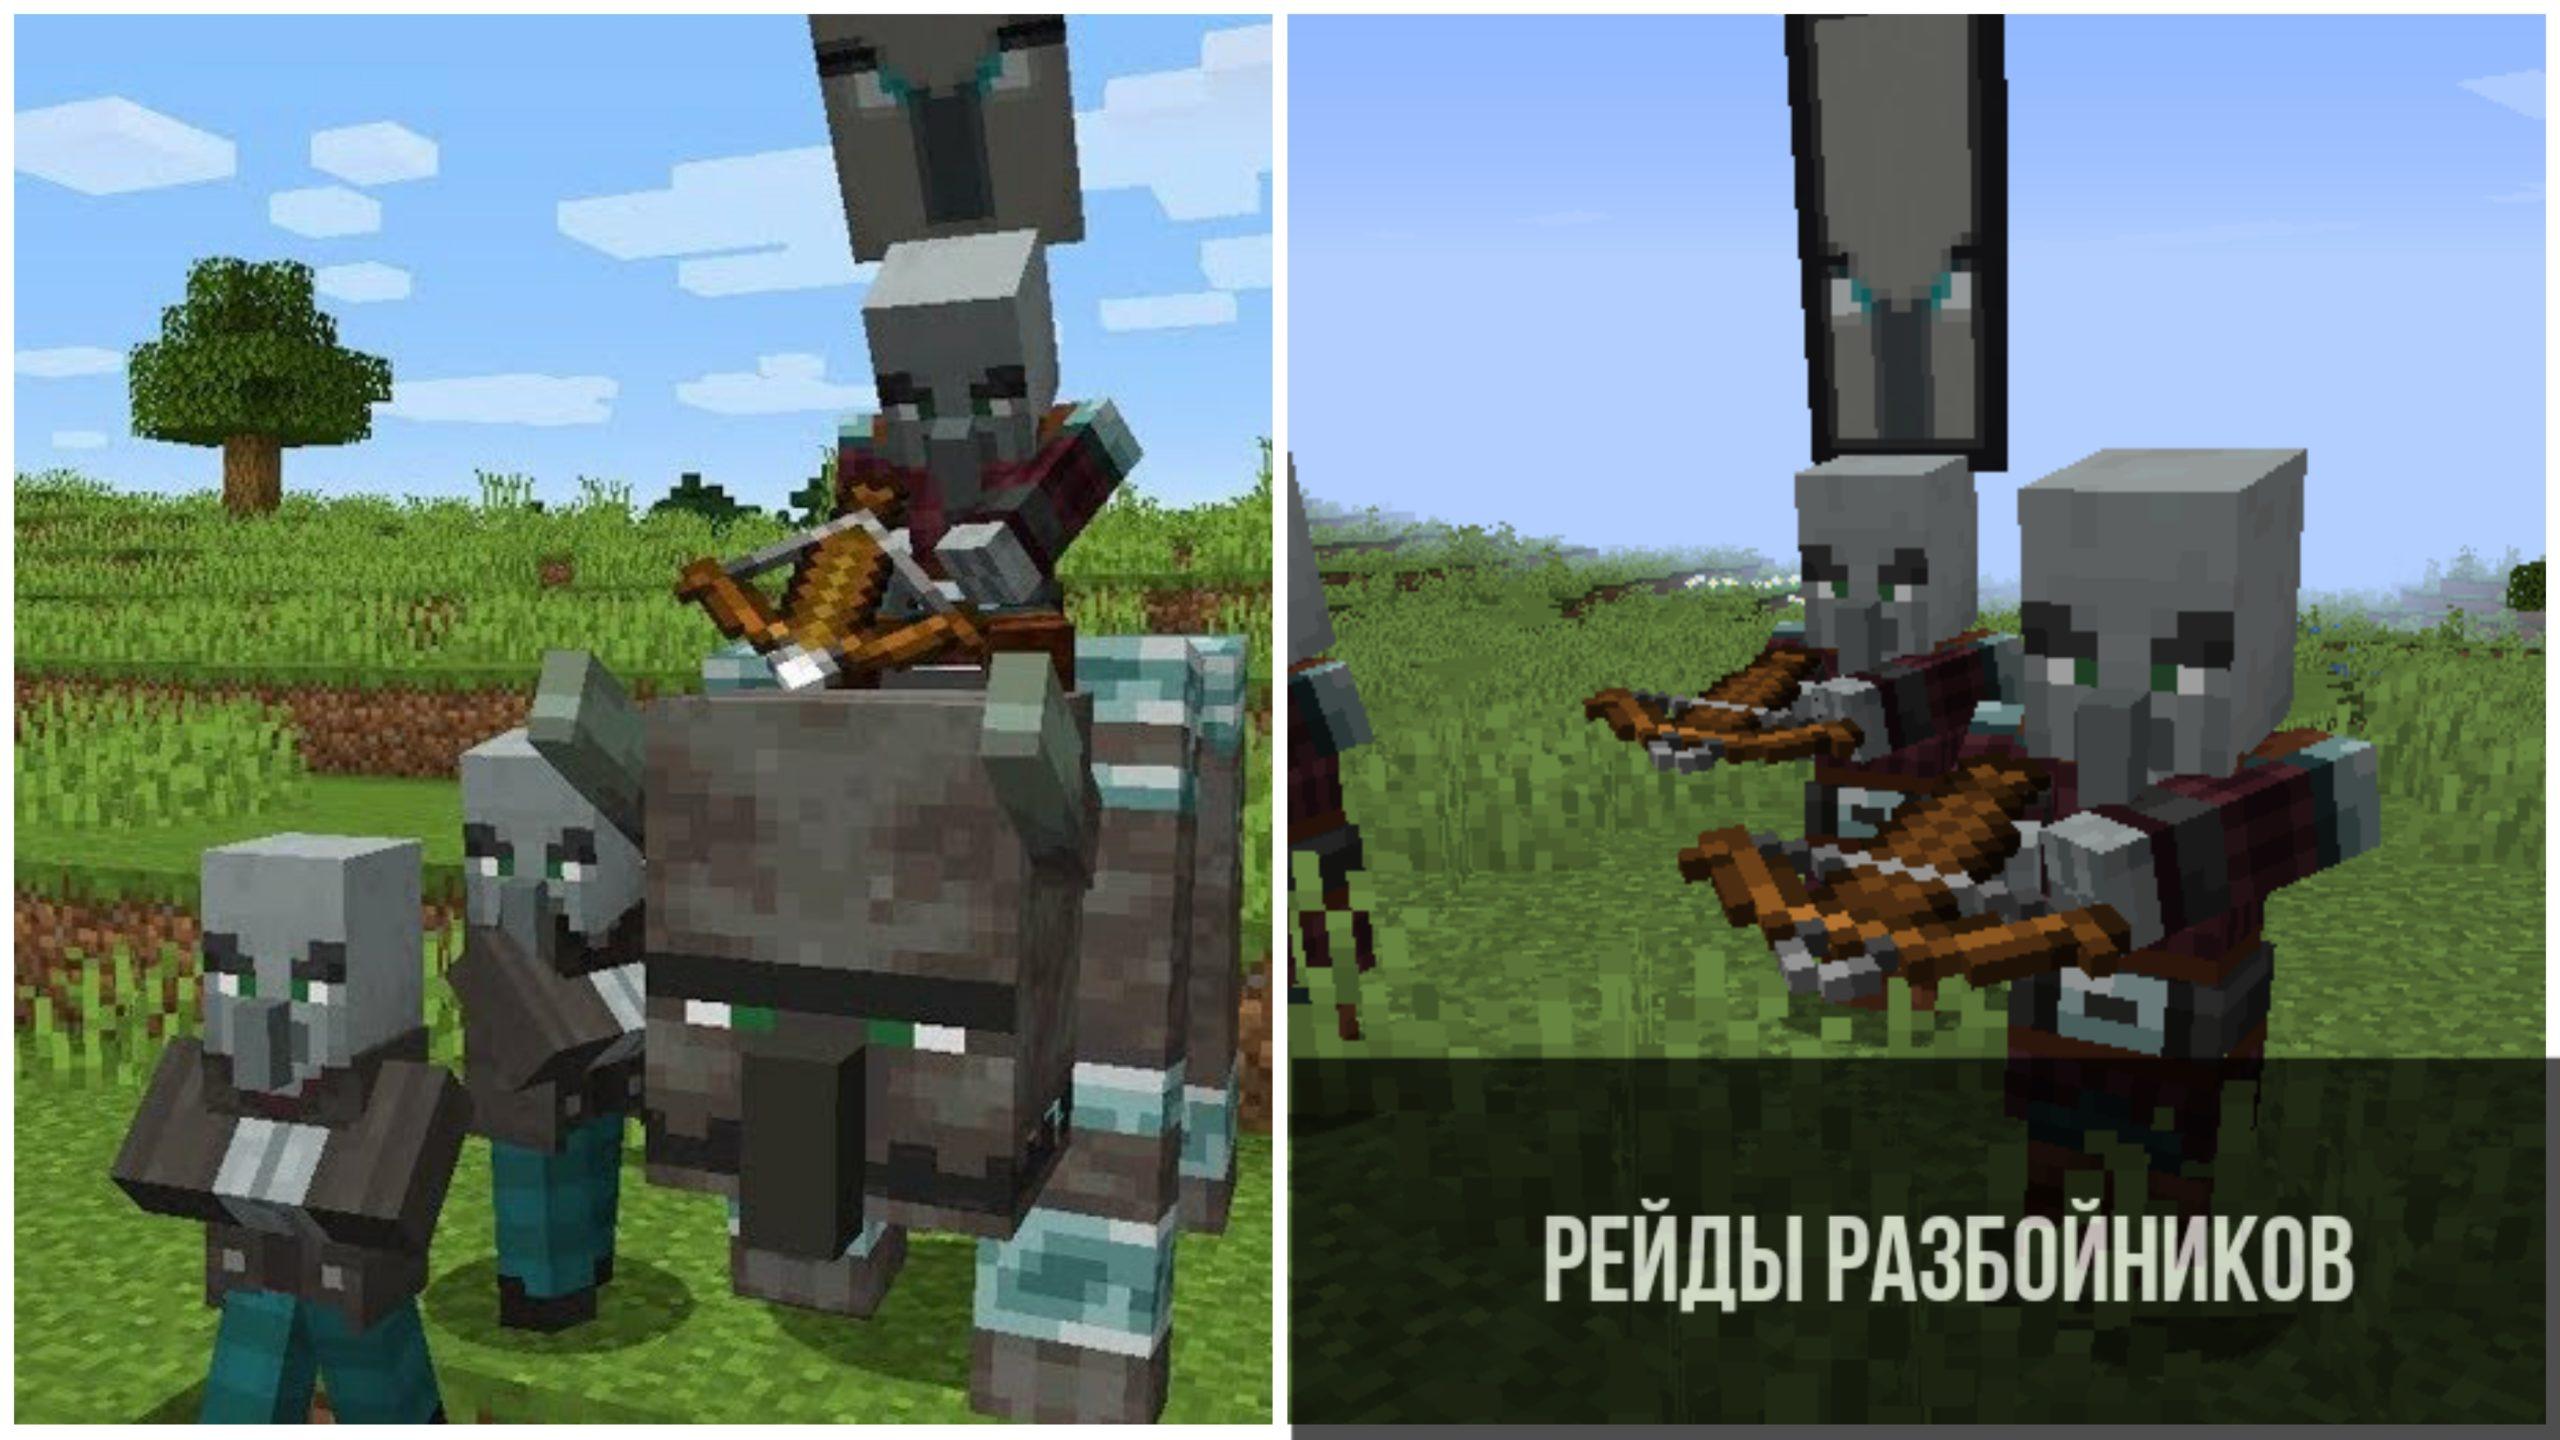 Рейды разбойников в Minecraft PE 1.11.0.3